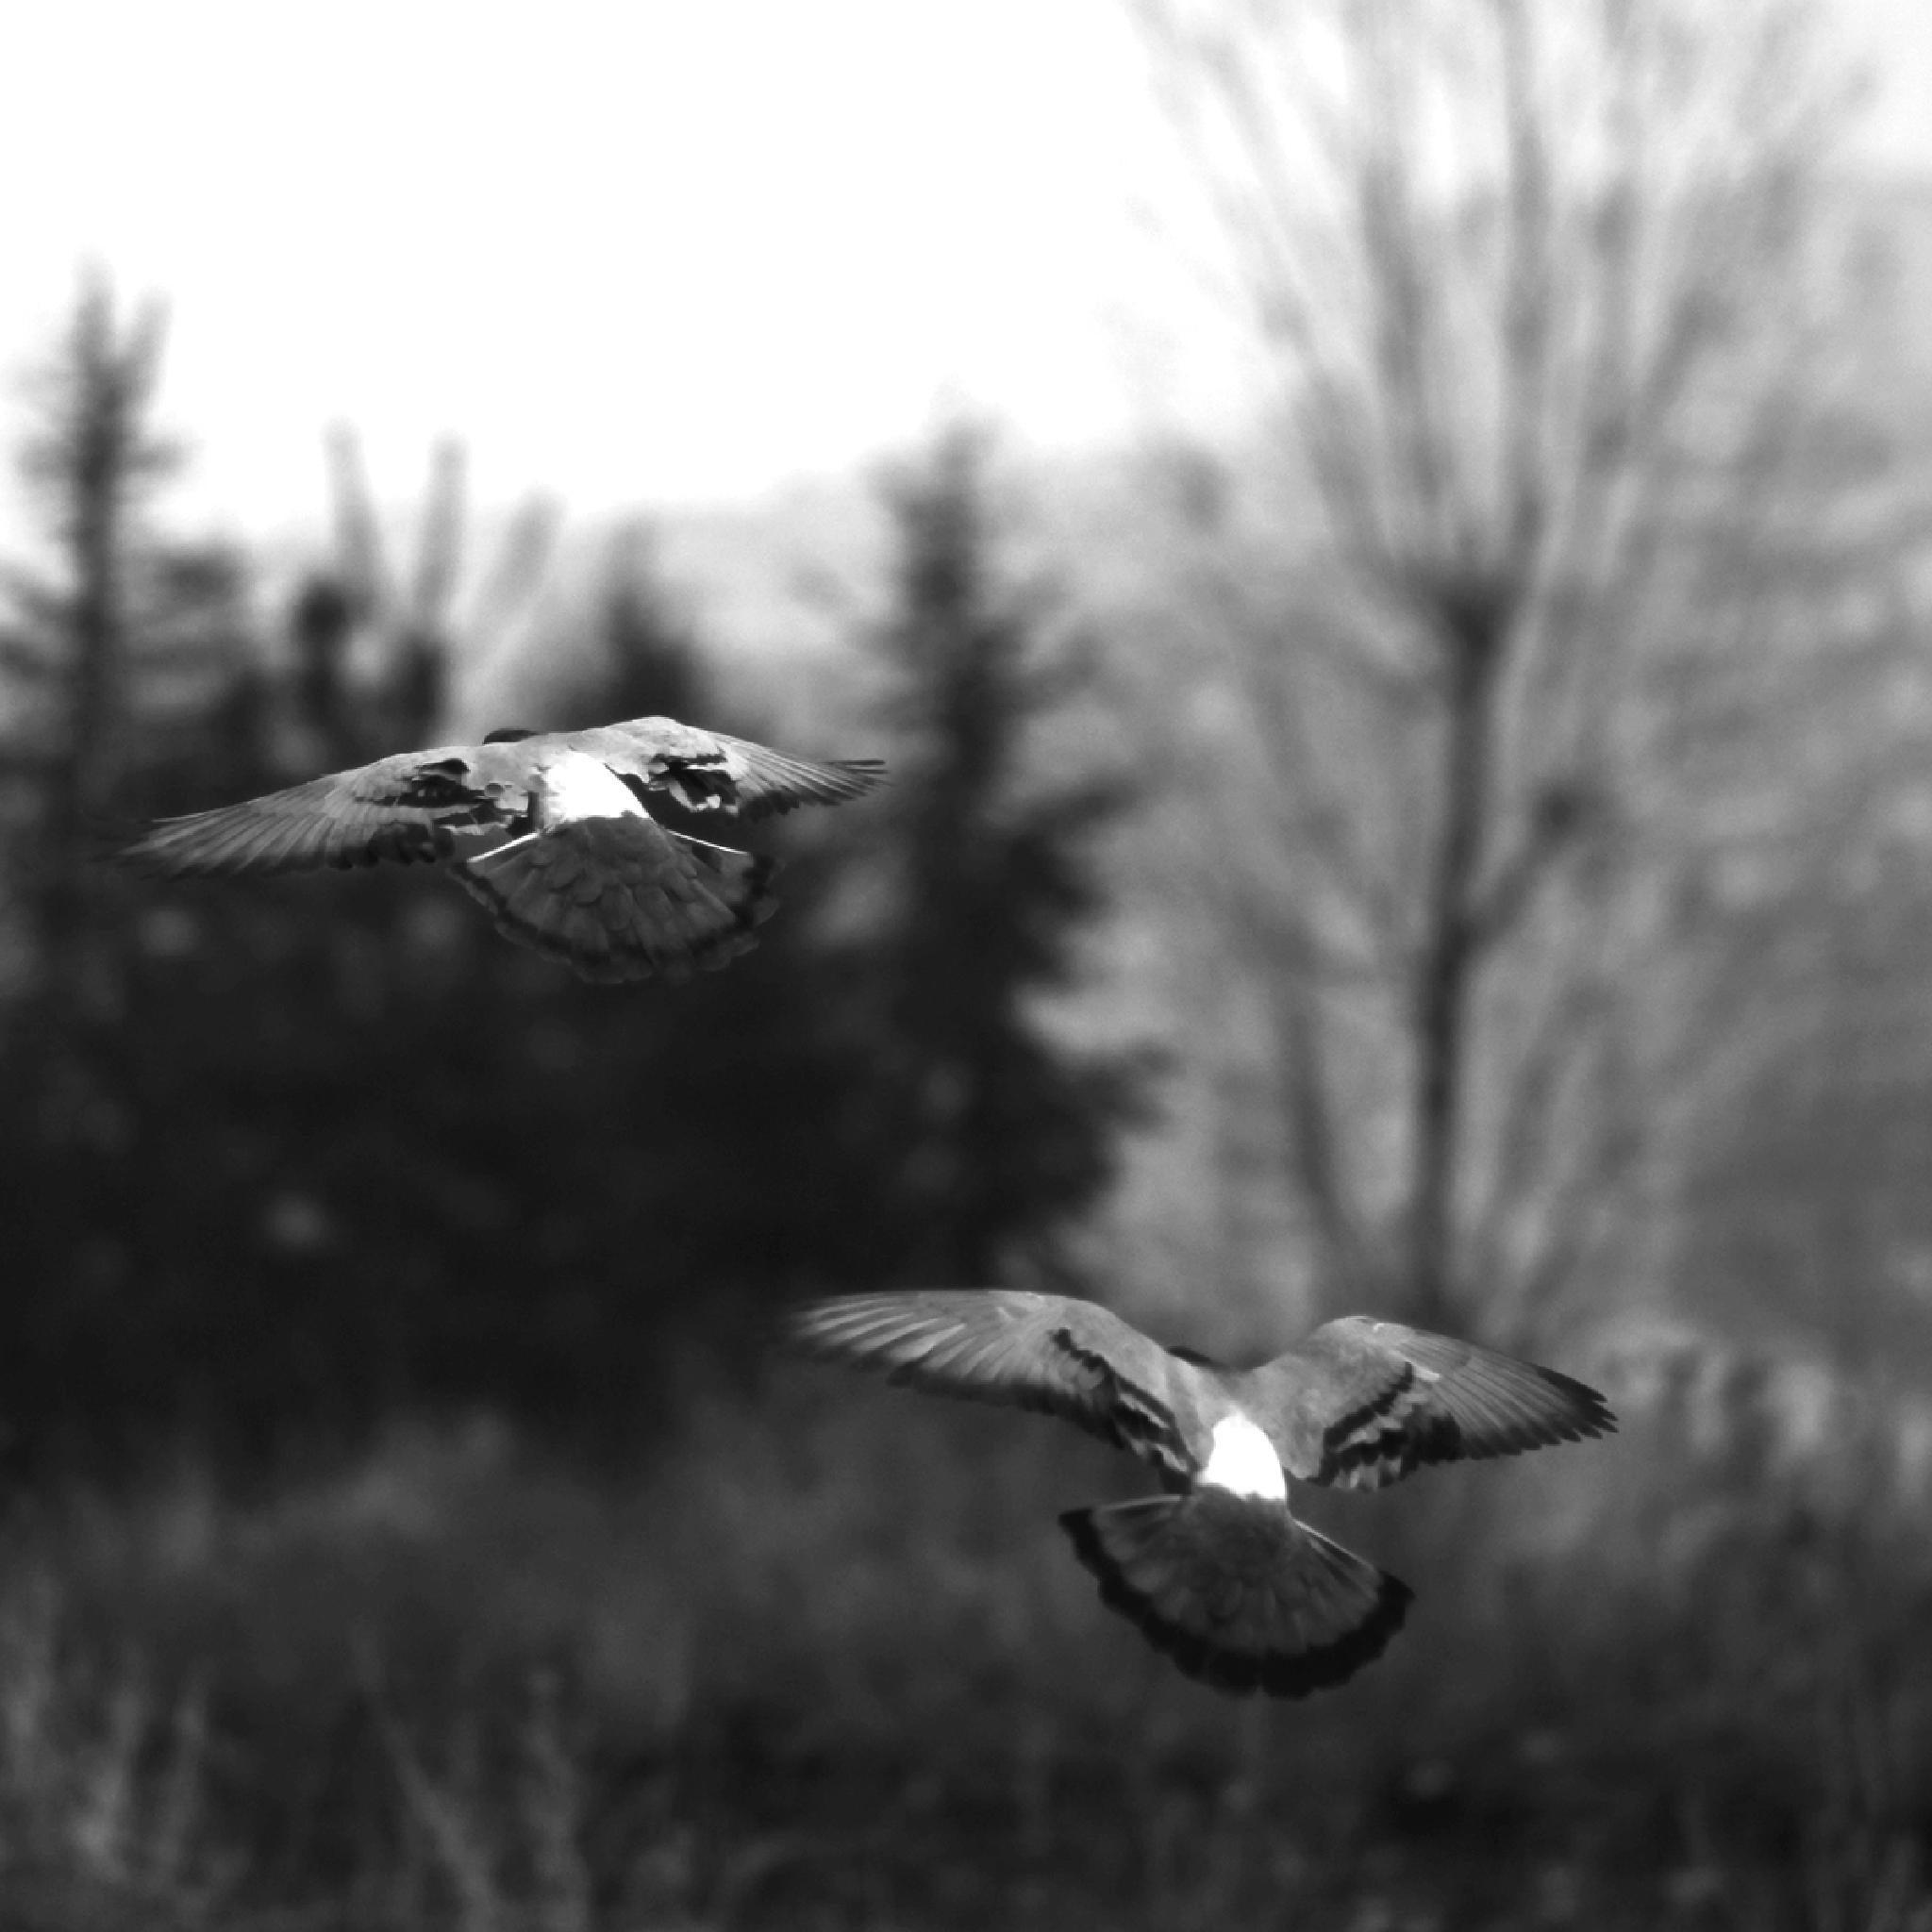 Autumn birds IV by Ziya YILDIRIM